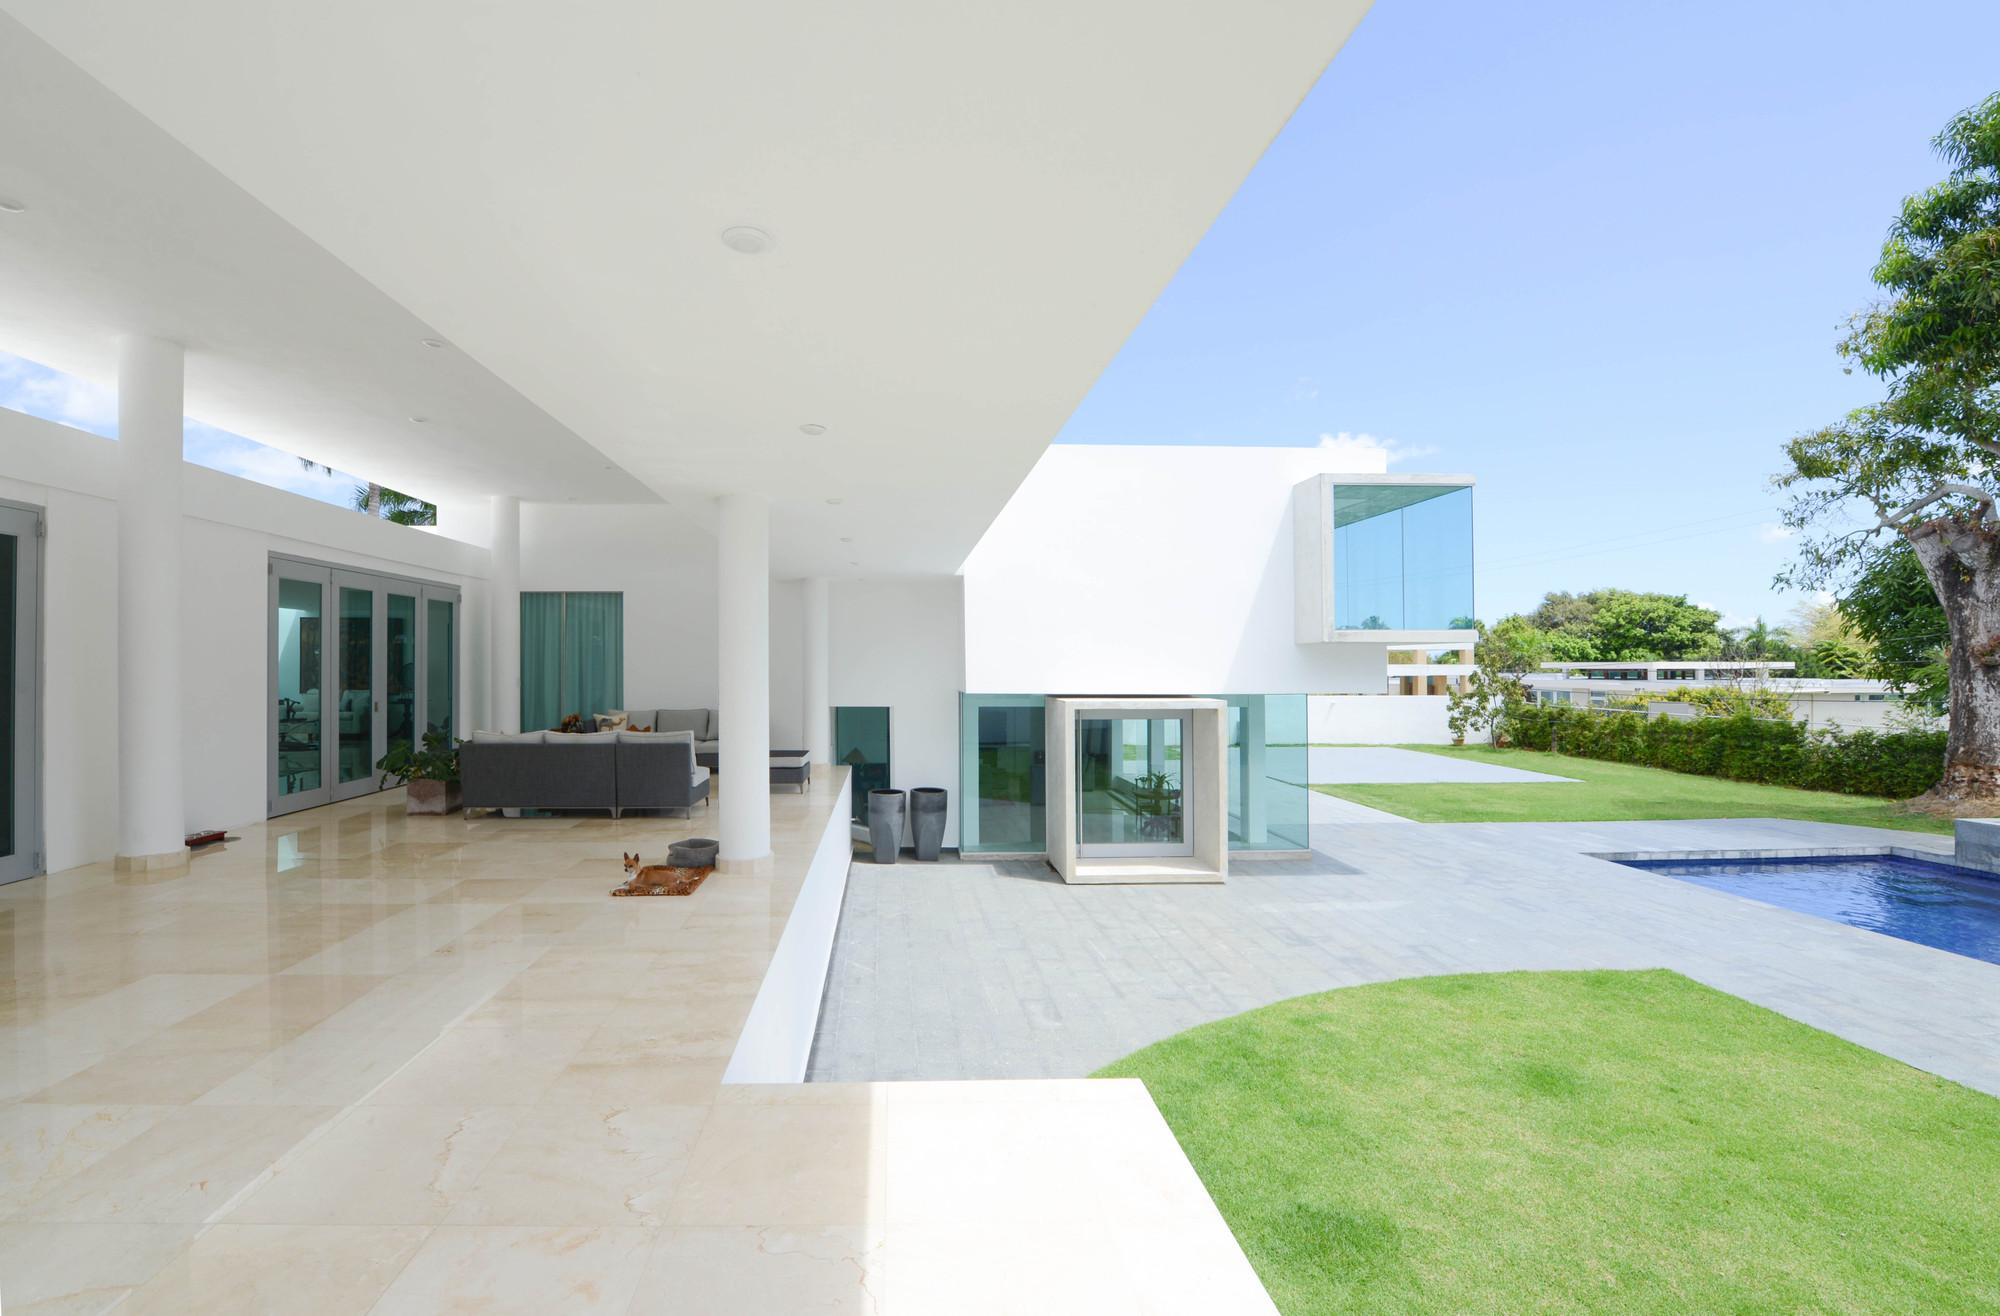 Arquitectura De Puerto Rico Plataforma Arquitectura # Muebles Madera Puerto Rico